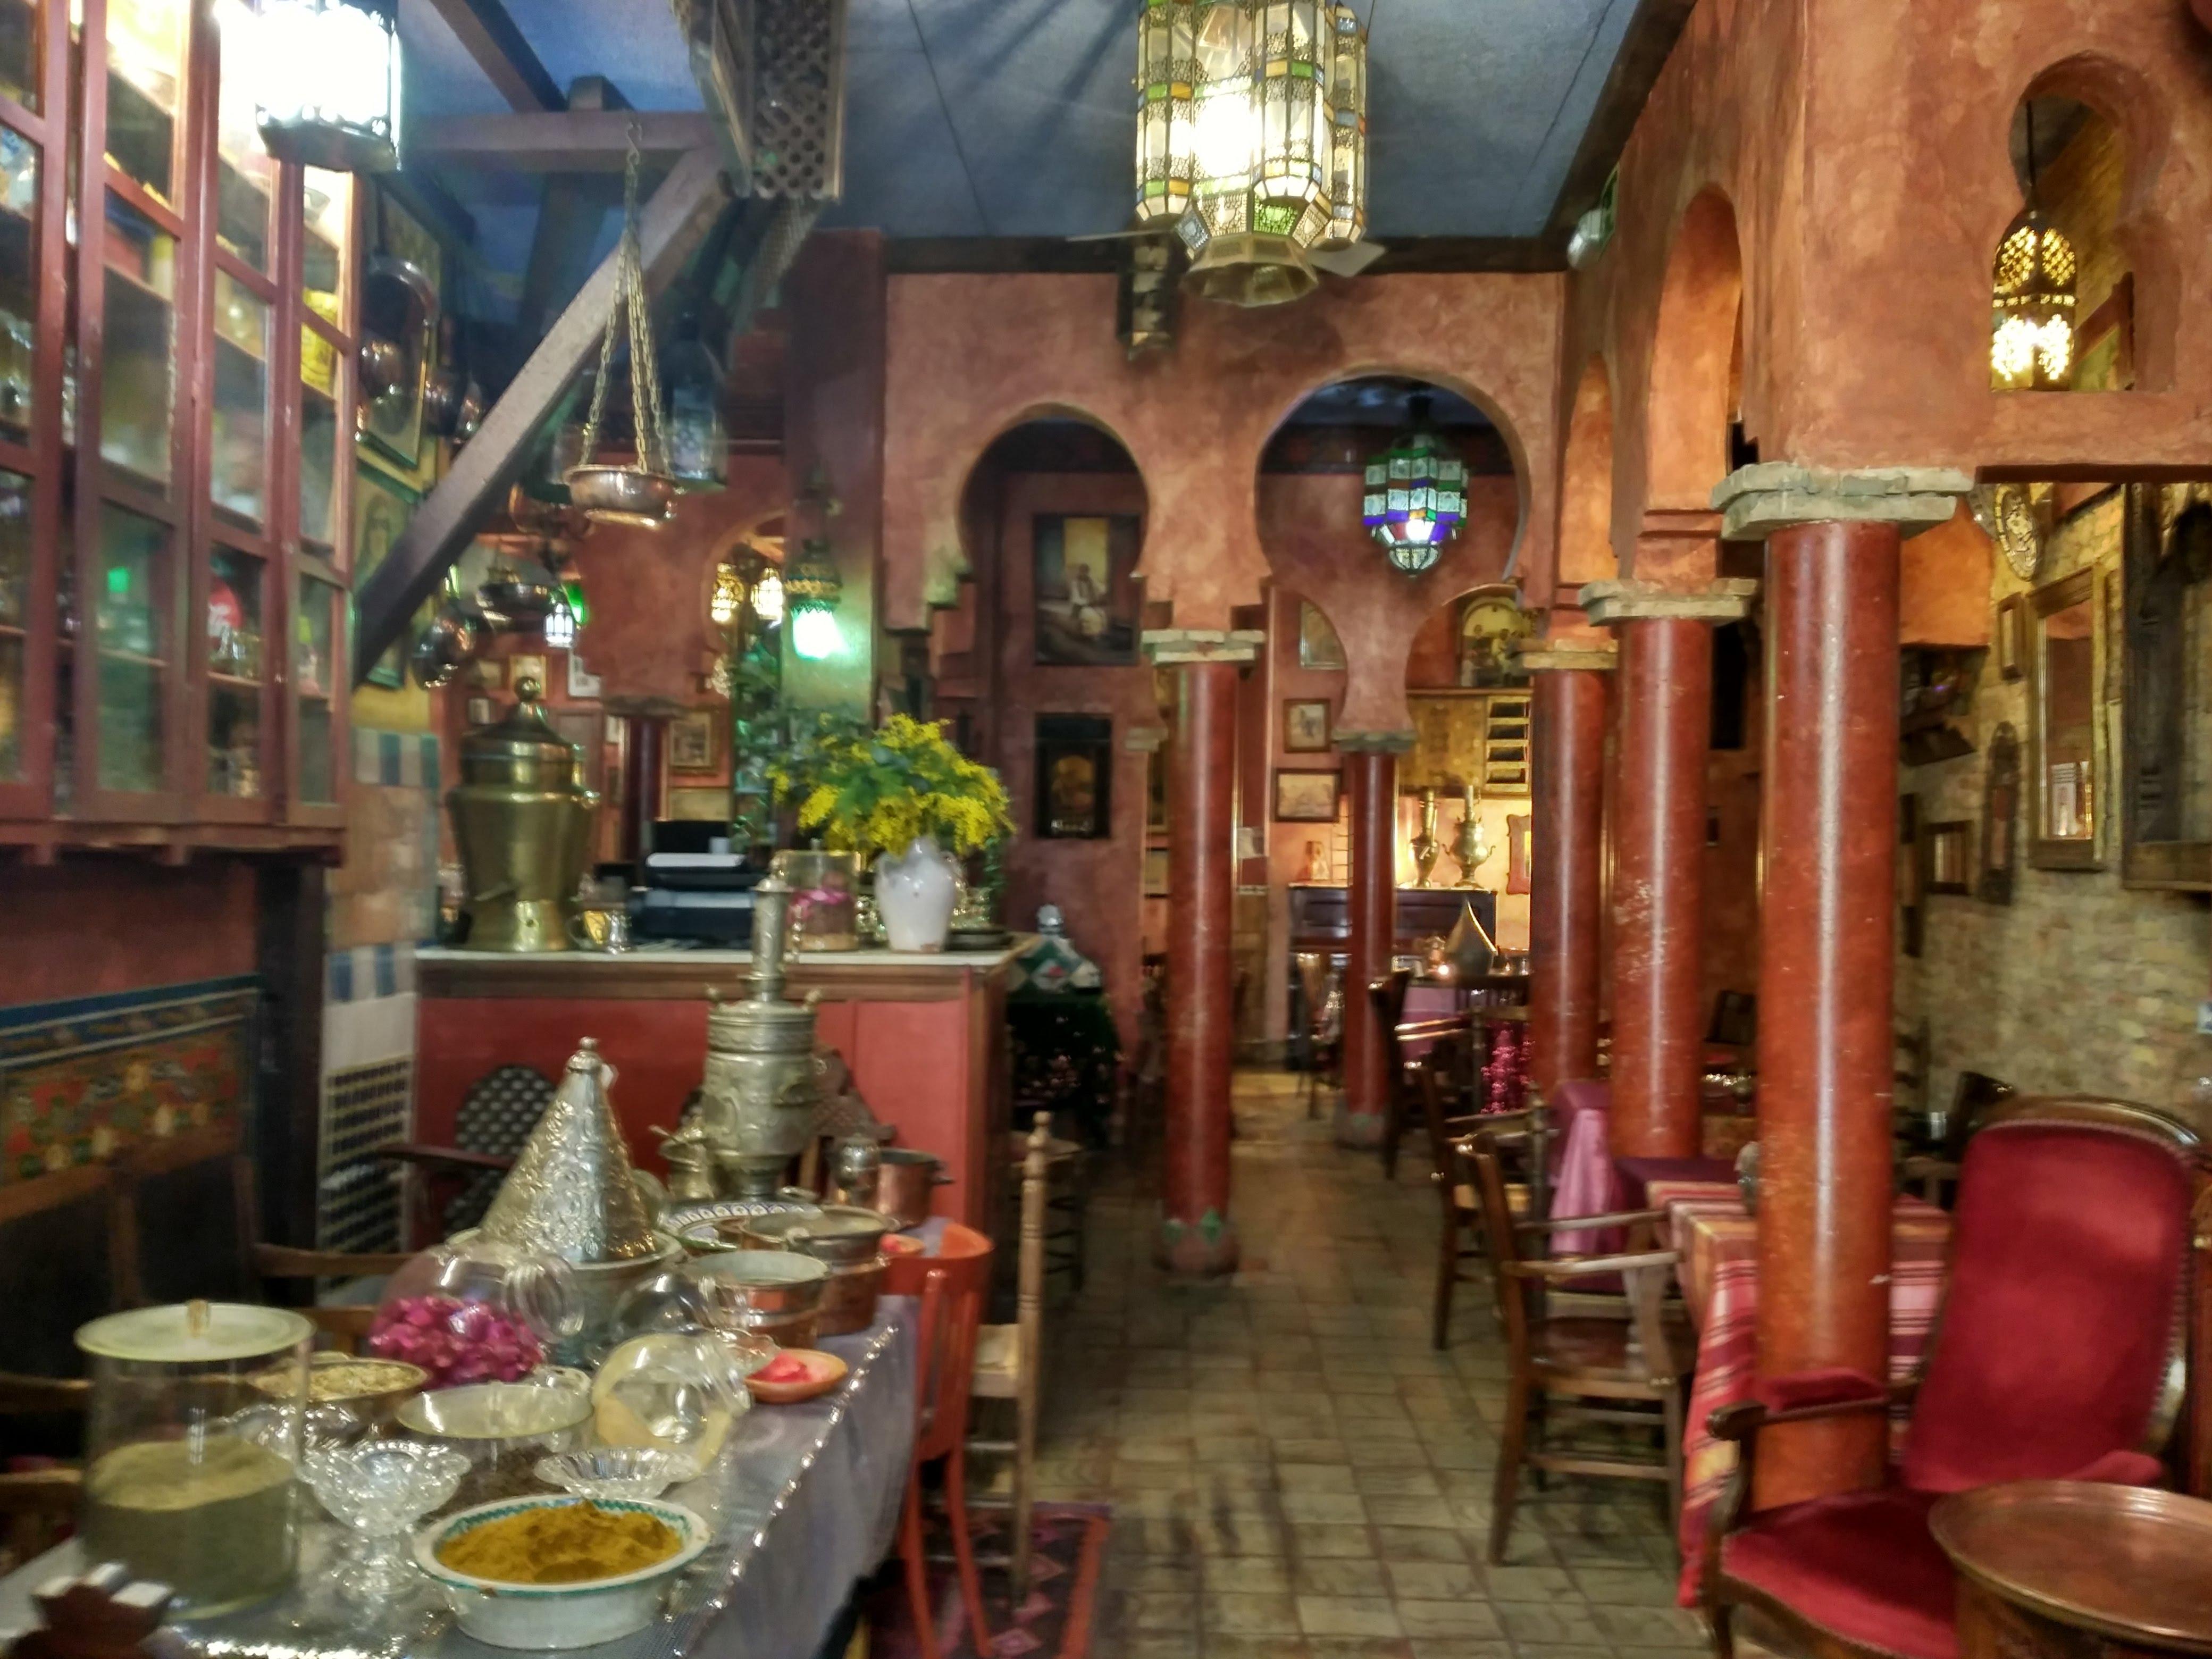 Alkareni's Bazaar, un vuelta al mundo de sabores y productos exóticos